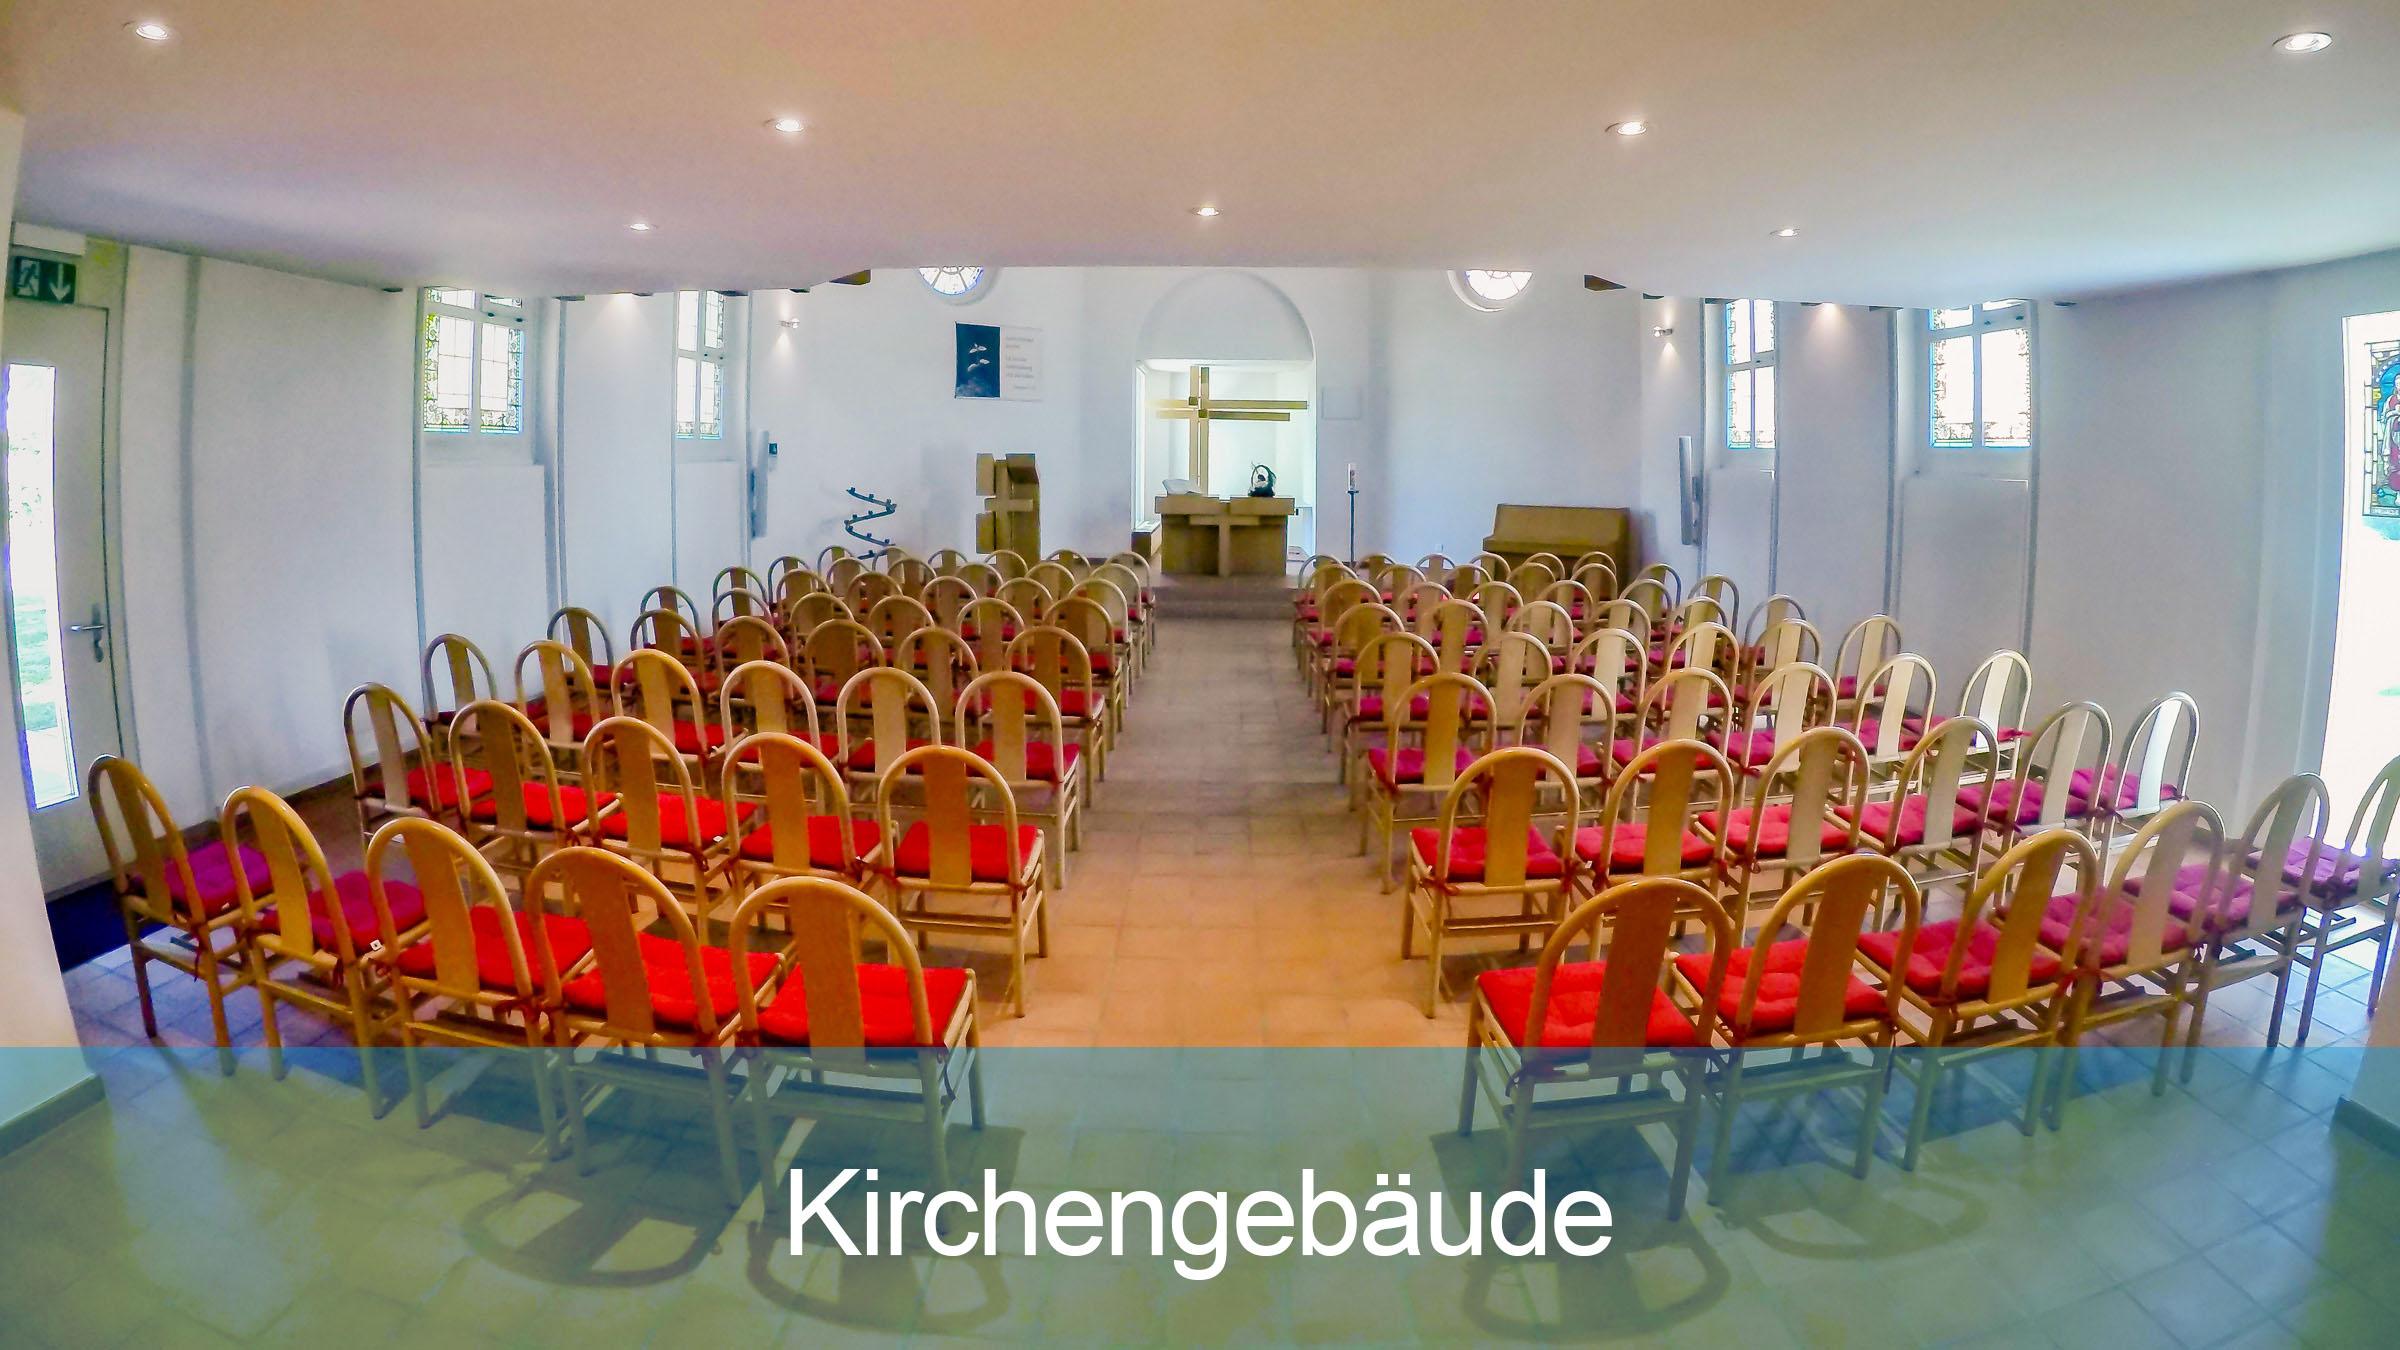 Kirchengebäude der Reformierten Kirche Mittleres Fricktal